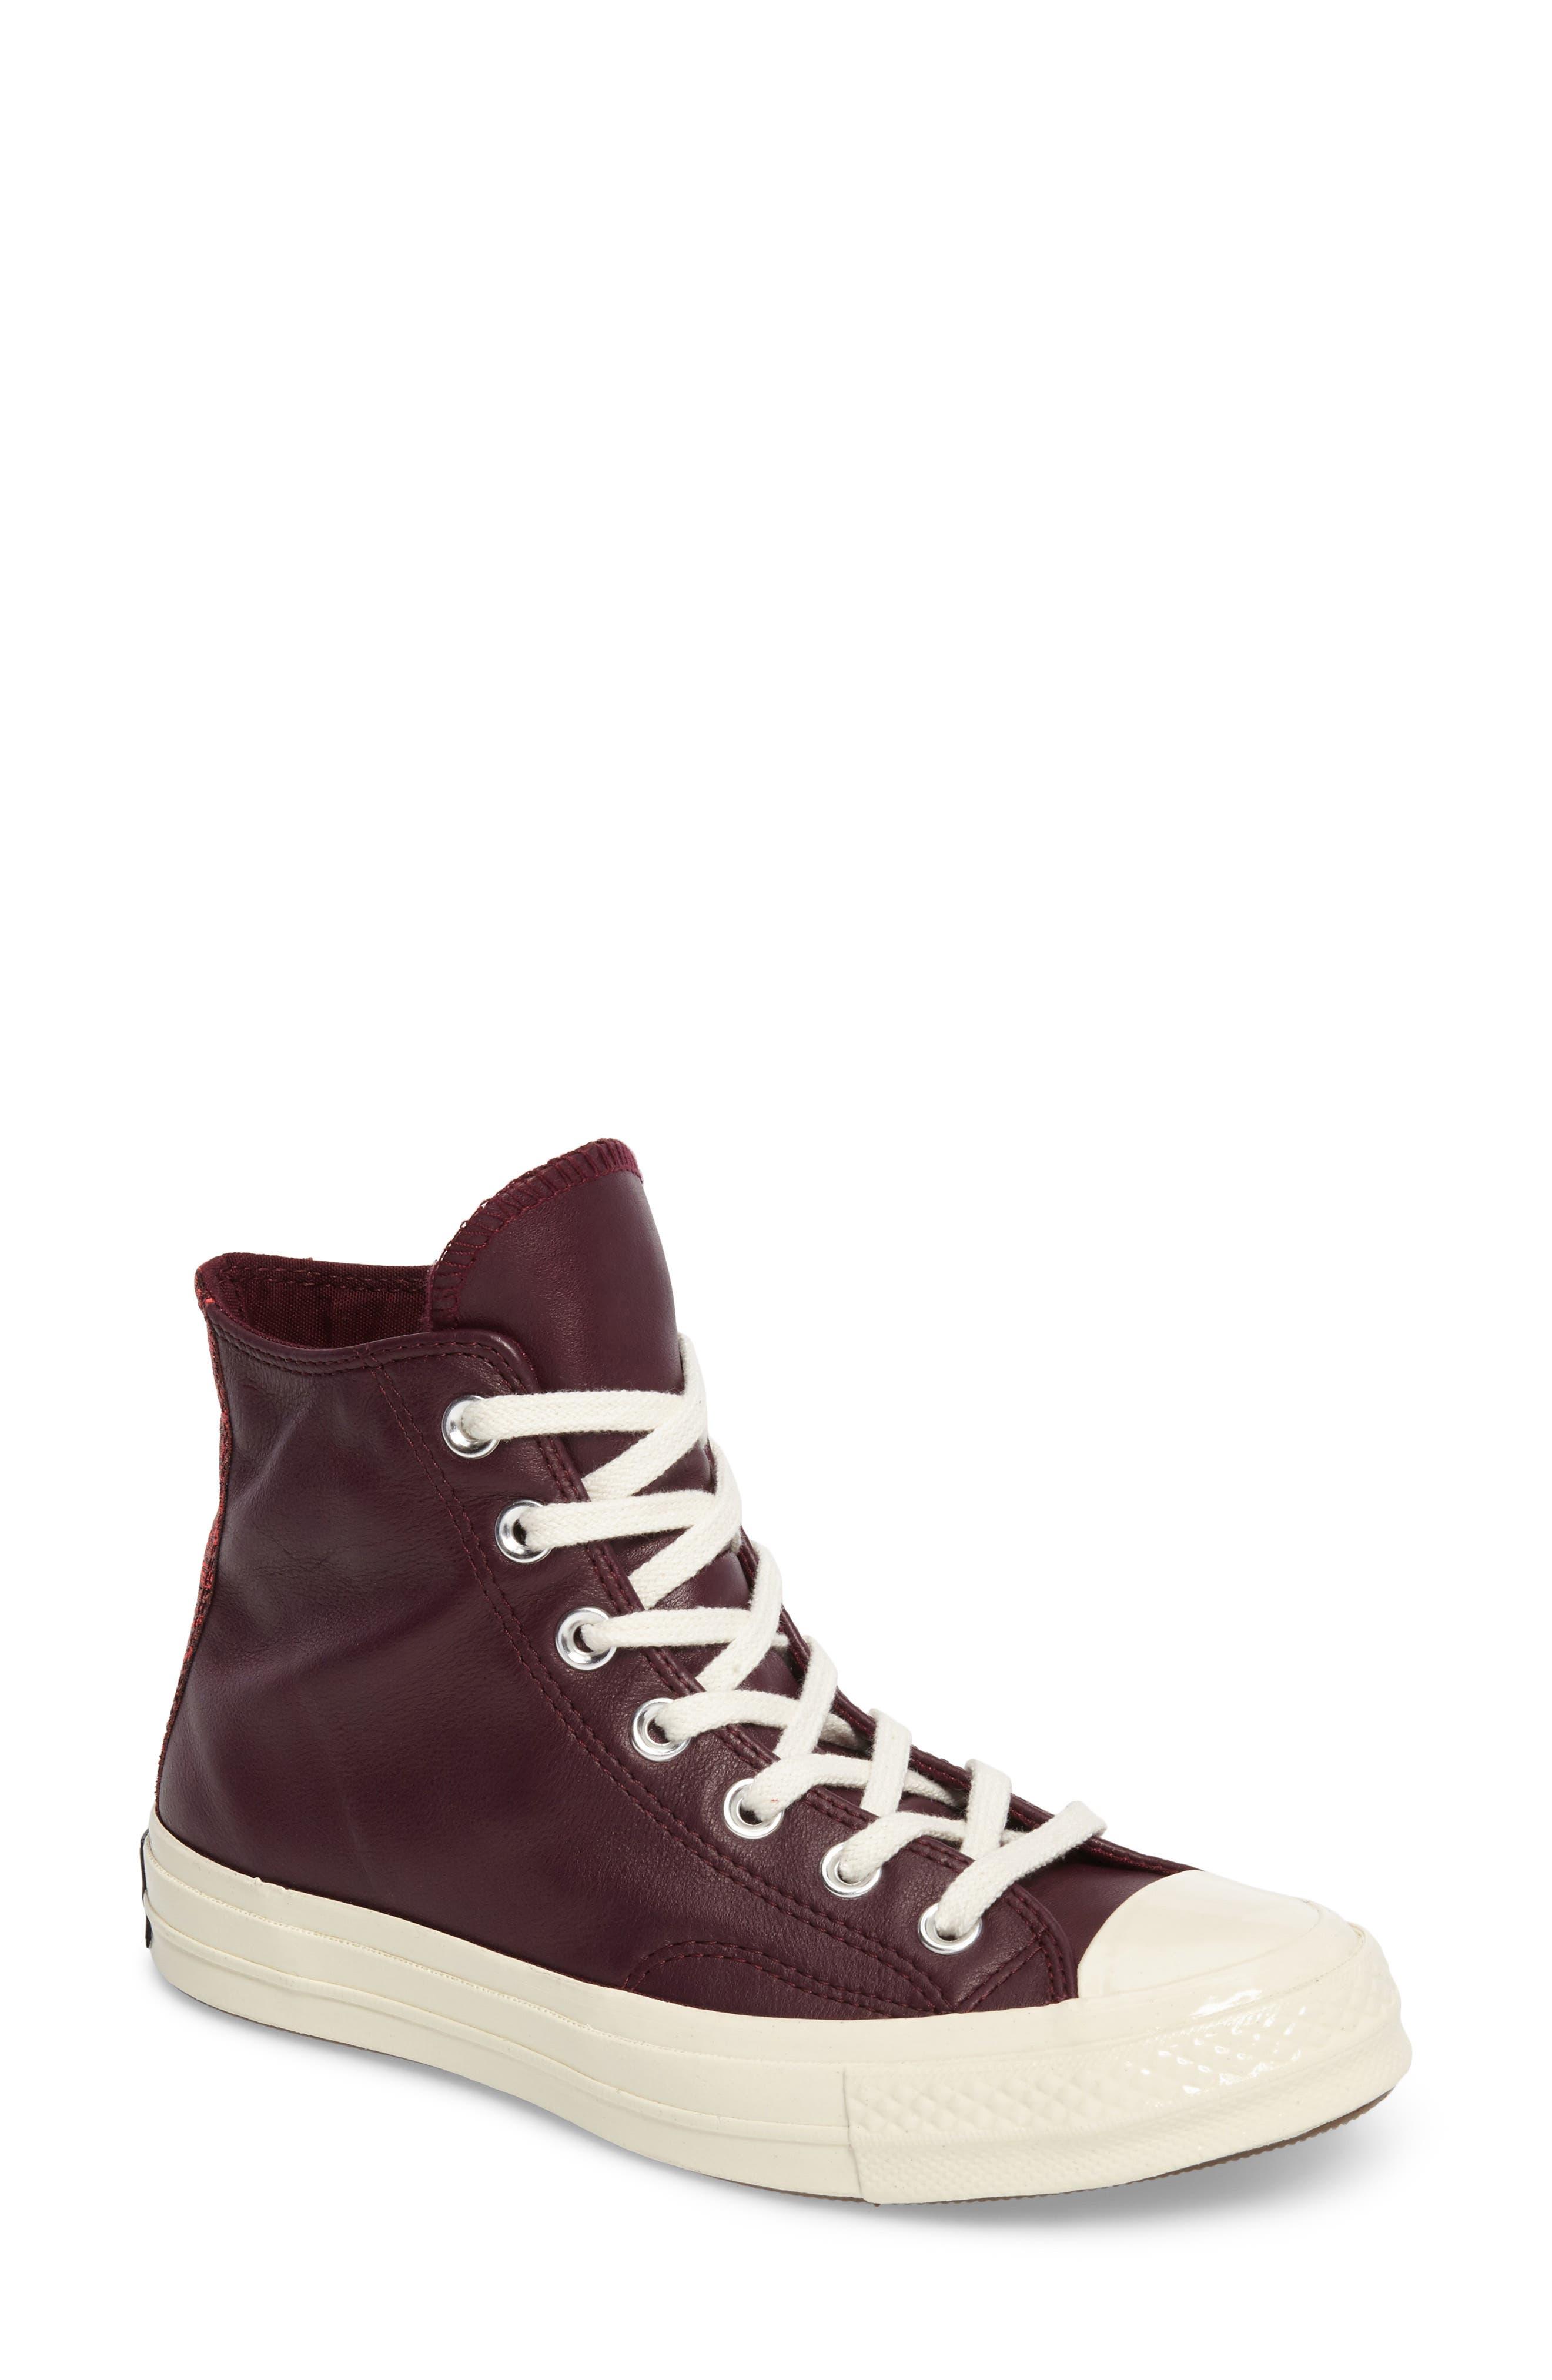 Converse Chuck Taylor® All Star® 70 High Top Sneaker (Women)